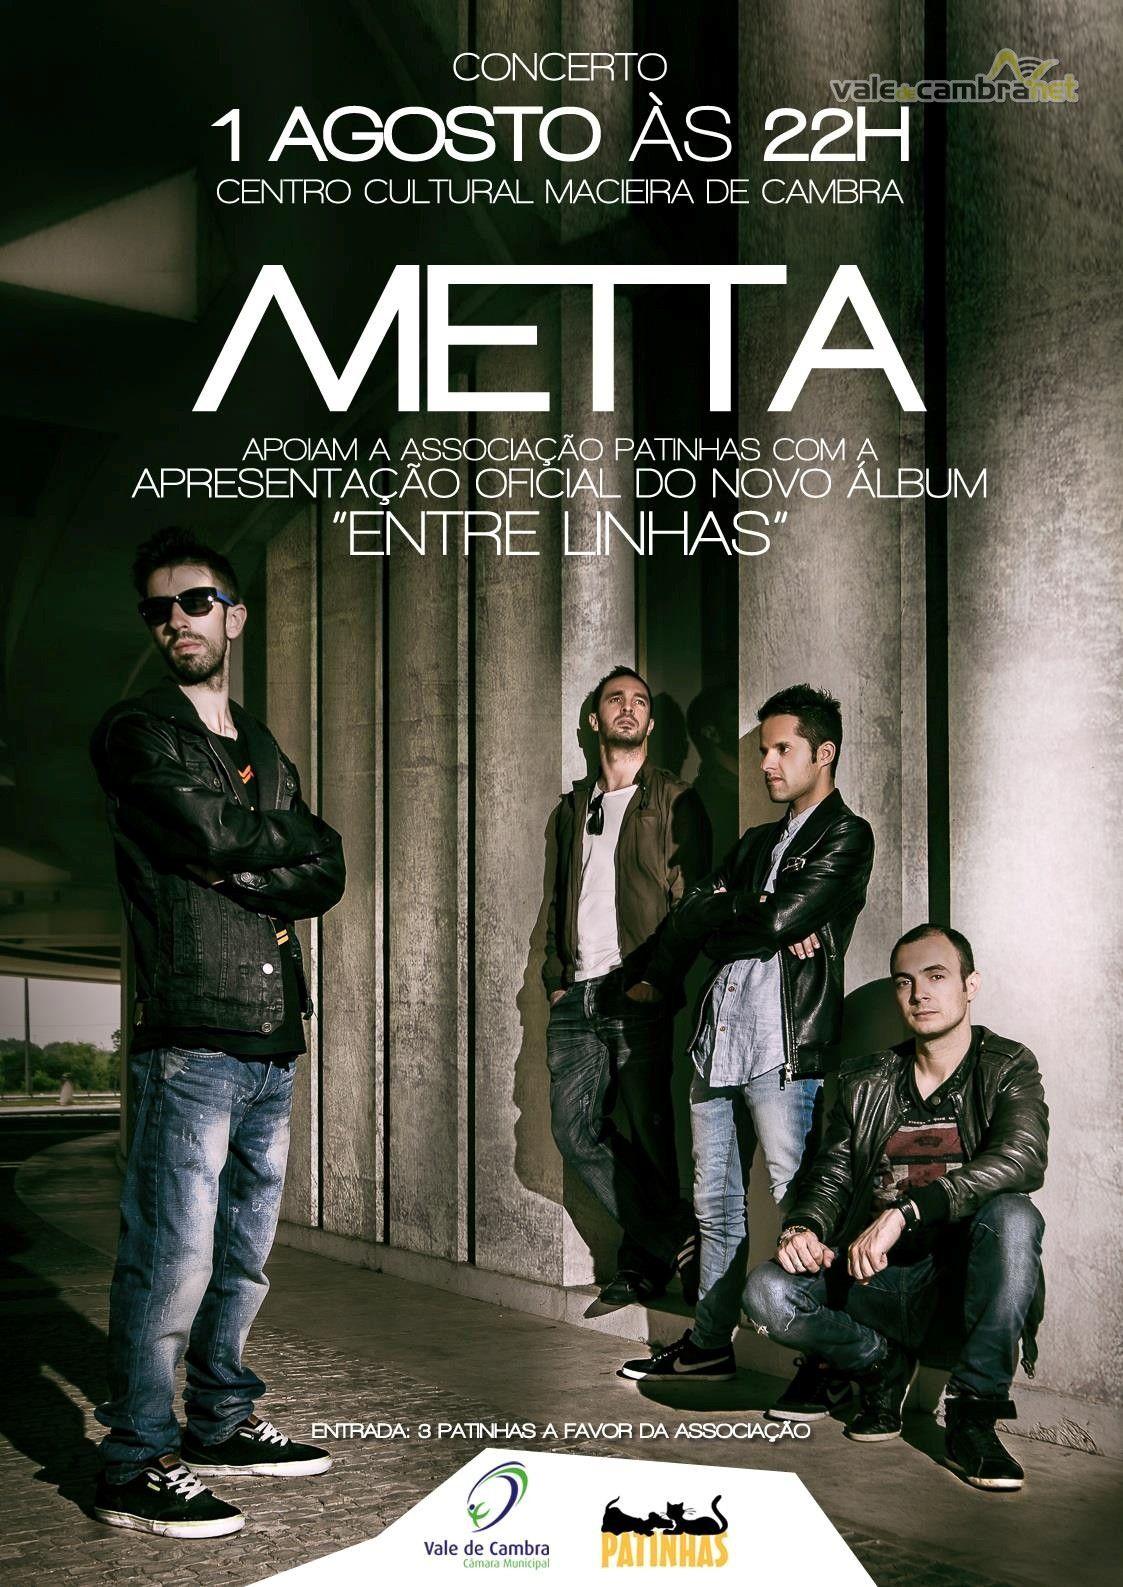 Concerto: Metta > 1 Ago 2014, 22h00 @ Centro Cultural, Macieira de Cambra, Vale de Cambra  A Favor da Associação Patinhas  #ValeDeCambra #MacieiraDeCambra